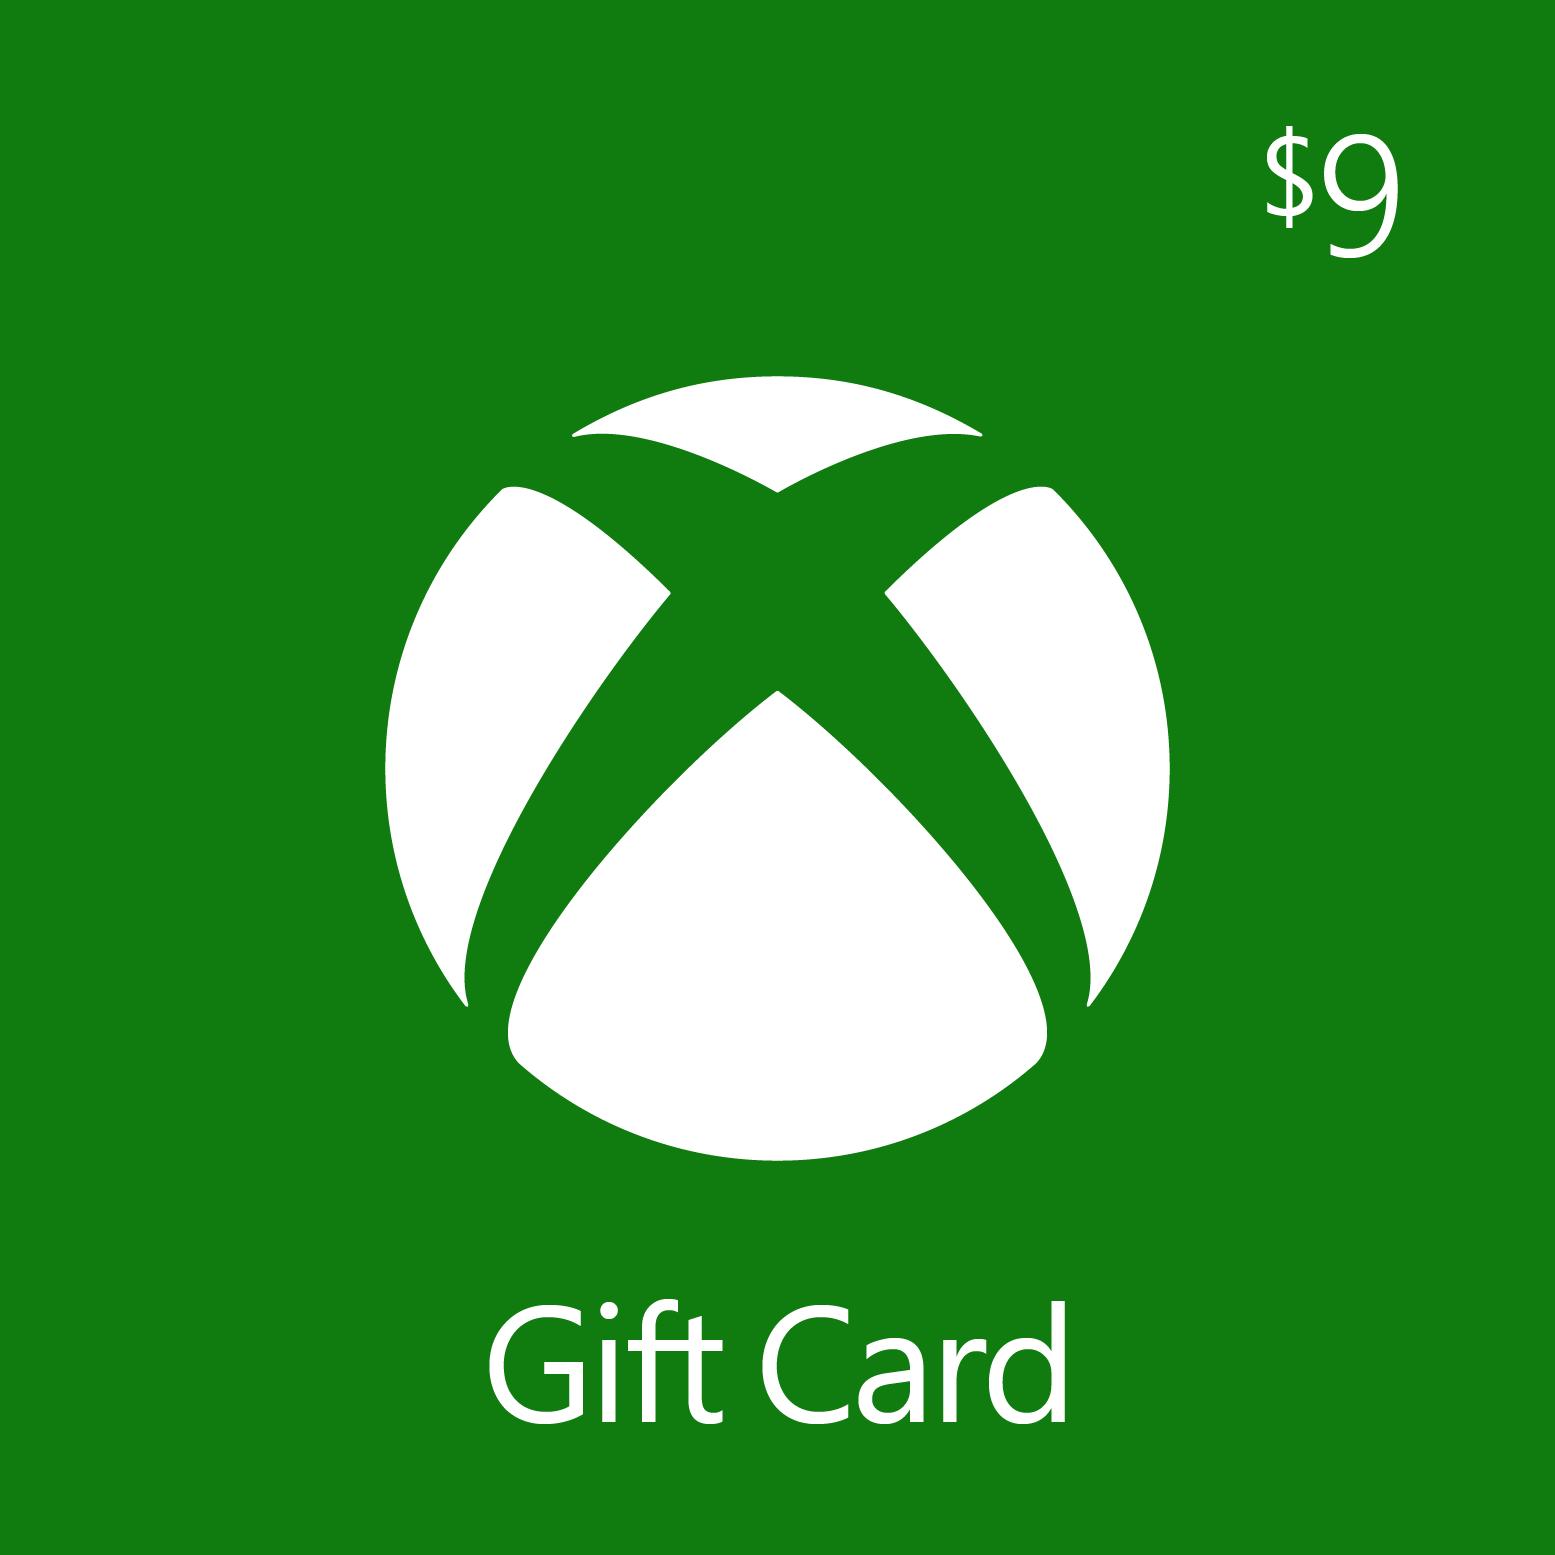 $9.00 Xbox Digital Gift Card